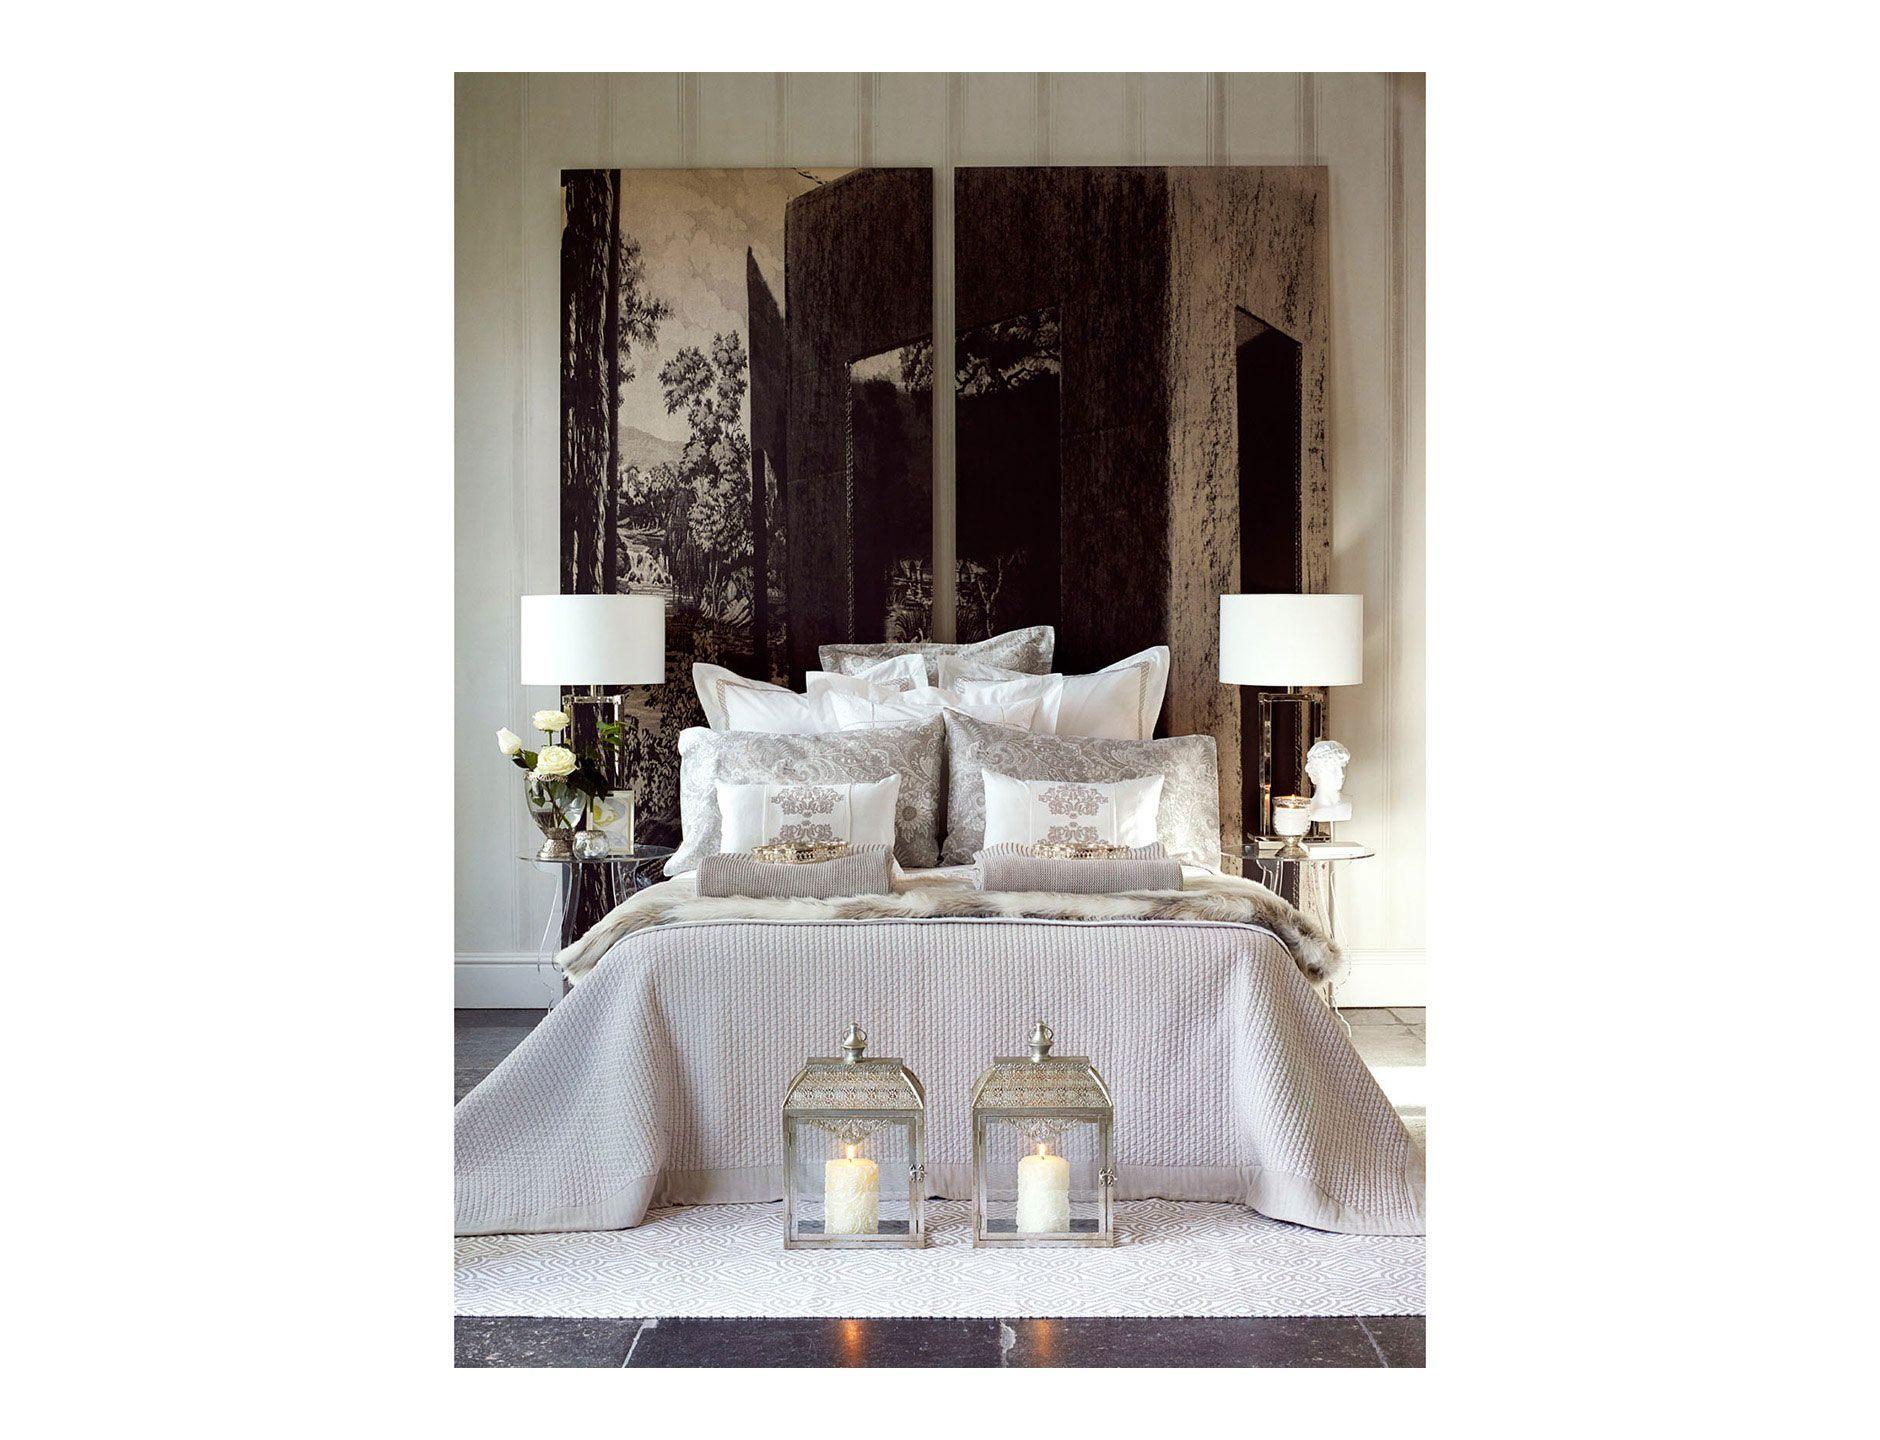 Parure De Lit Zara Home Douce Lookbook Zara Home Maroc Morocco Bedroom Pinterest